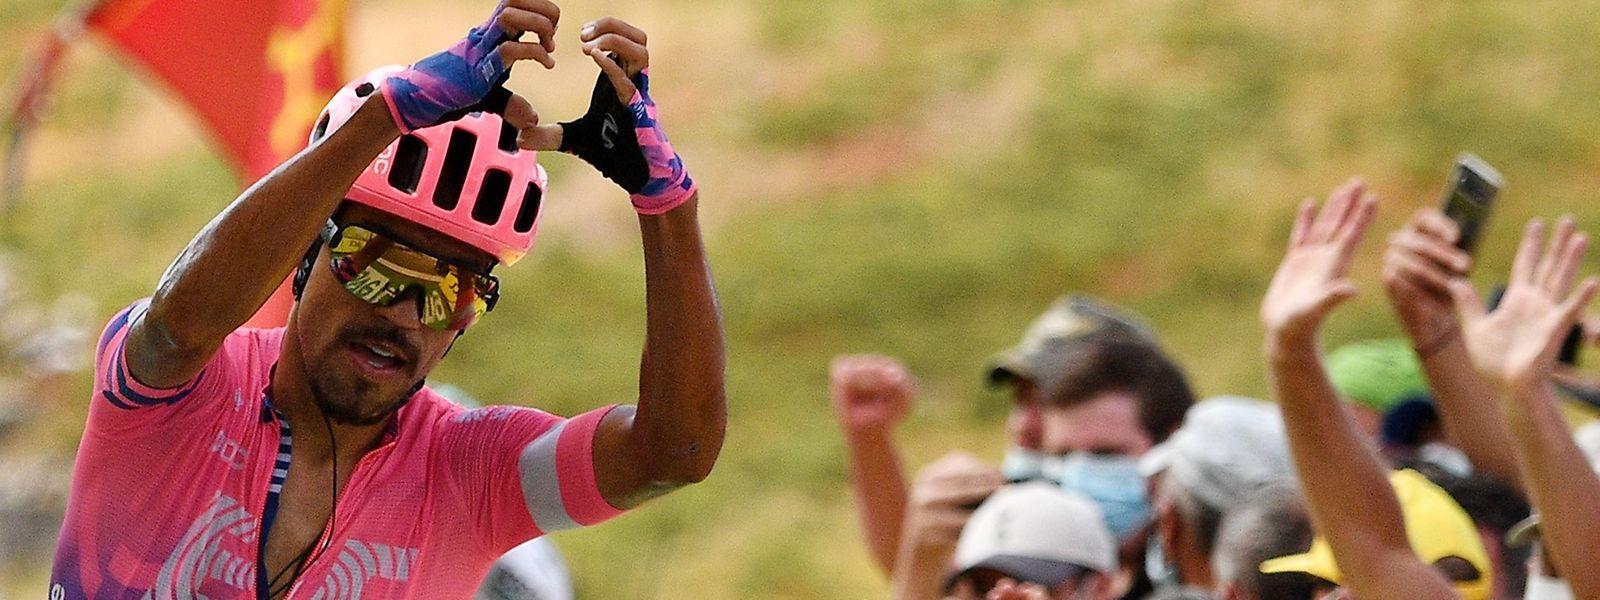 Le Colombien Daniel Martinez  (Education First) s'est imposé en solitaire ce vendredi lors de la 13e étape du Tour